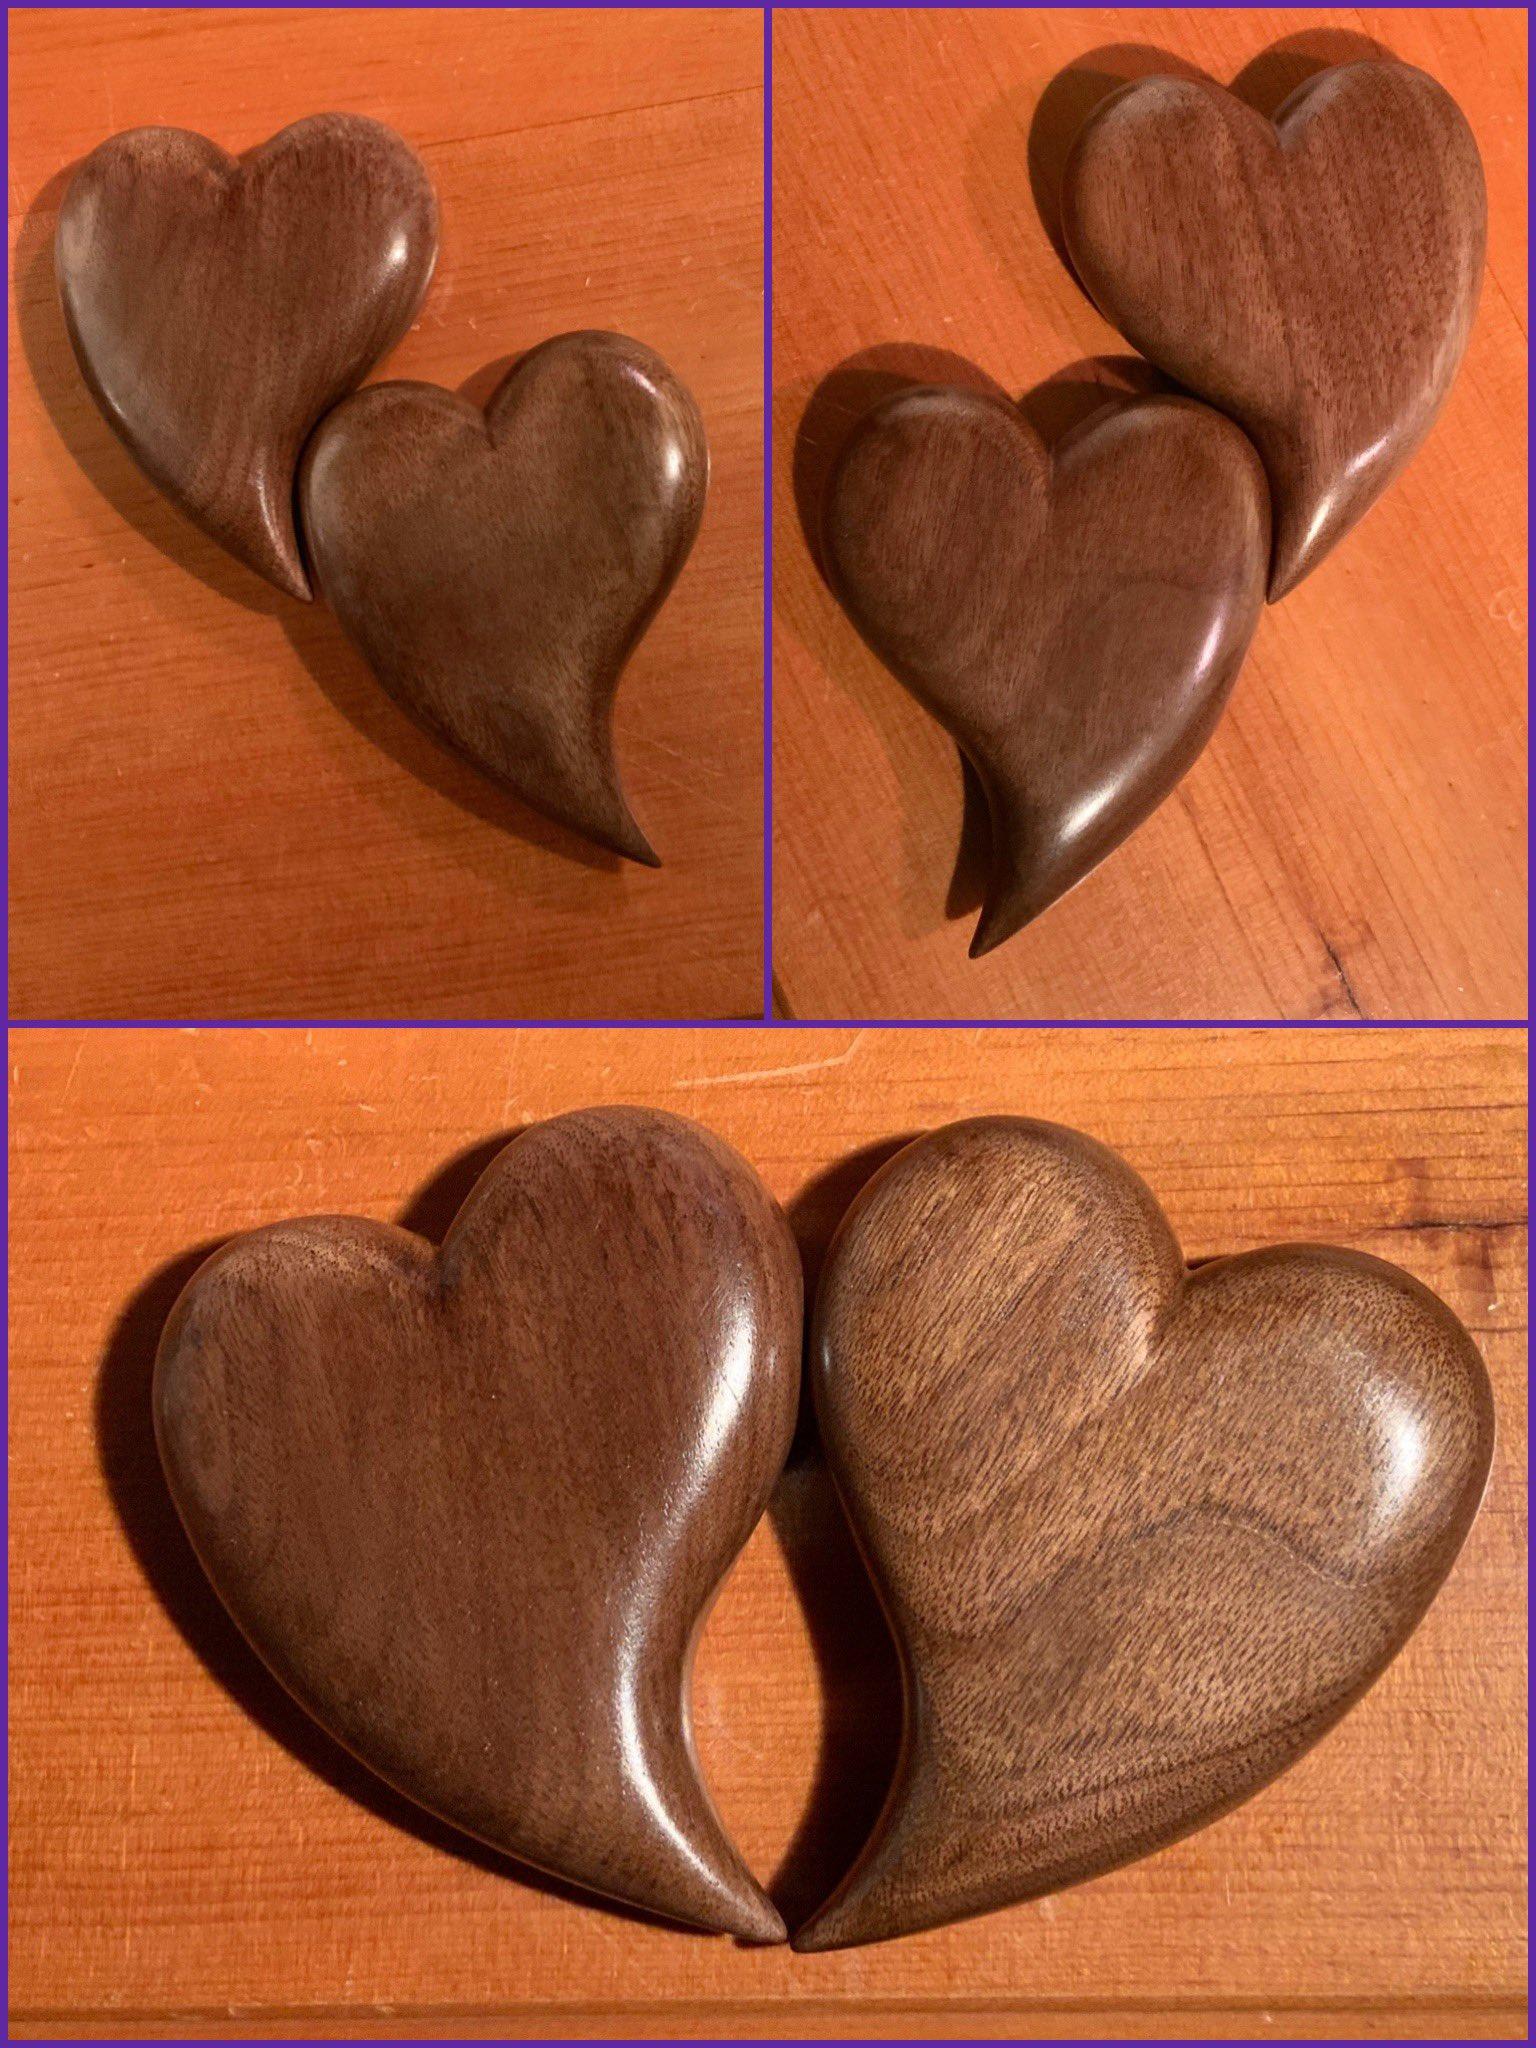 Walnut Hearts https://t.co/ivxxJgWfnf